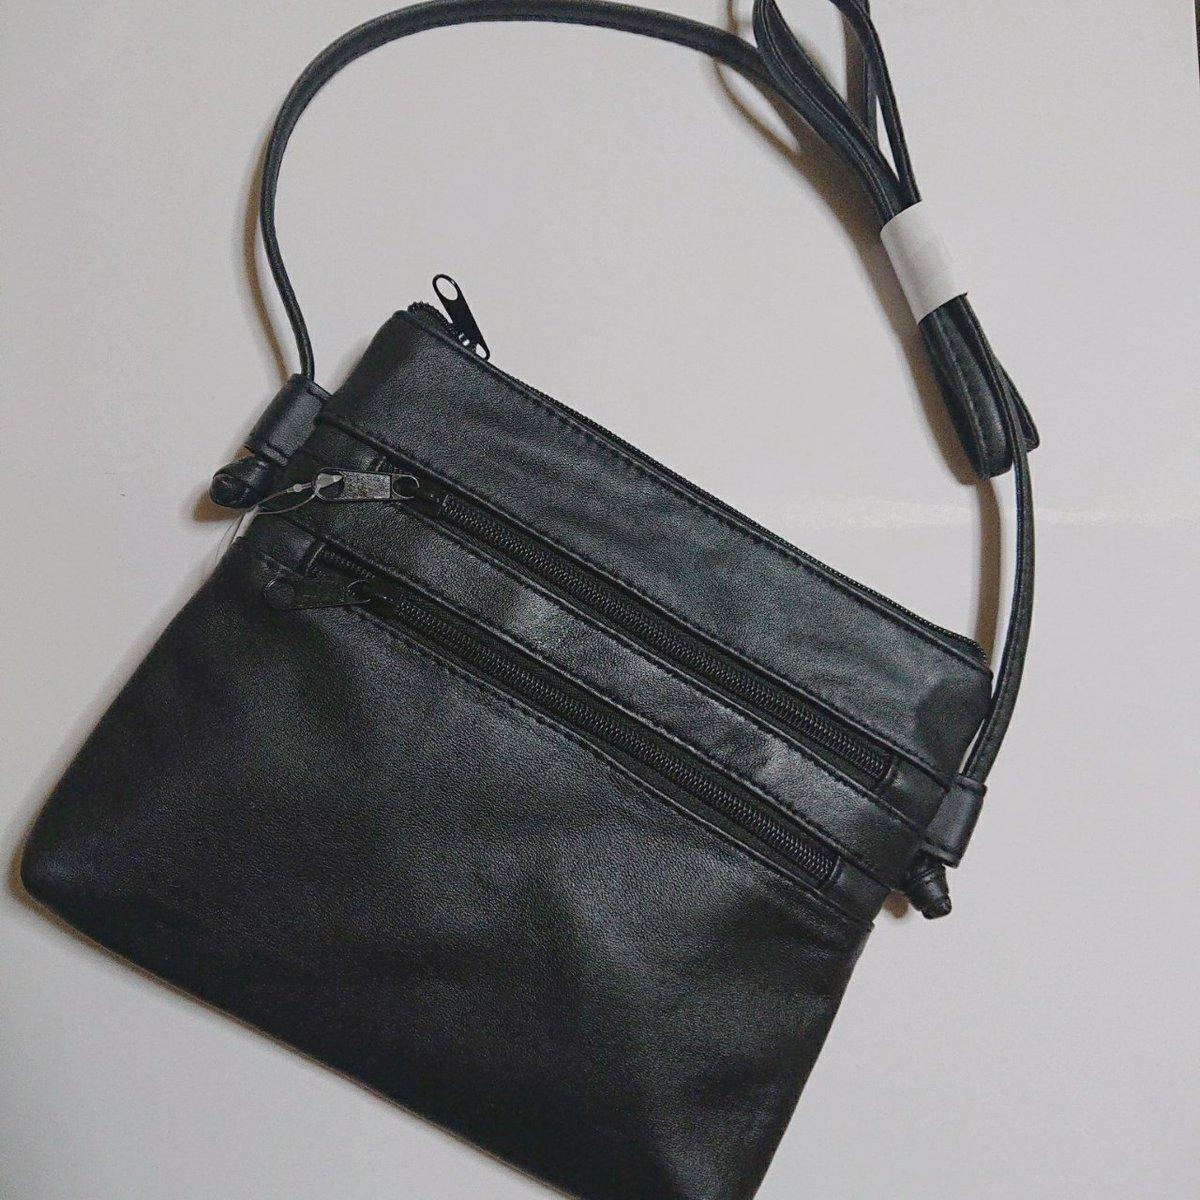 しまむら購入品🦓💓その2900円バッグを手に持ちバッグコーナーをうろうろしてると→てらさん紹介のタポケショルダーが❗👀🖤✨似てるの持ってるし、バッグ持ちすぎだよなぁとすご~く悩んだけどフォロワーさんの着画がかわいすぎたのでそっとカゴに💓😂#しまむら#しまパト